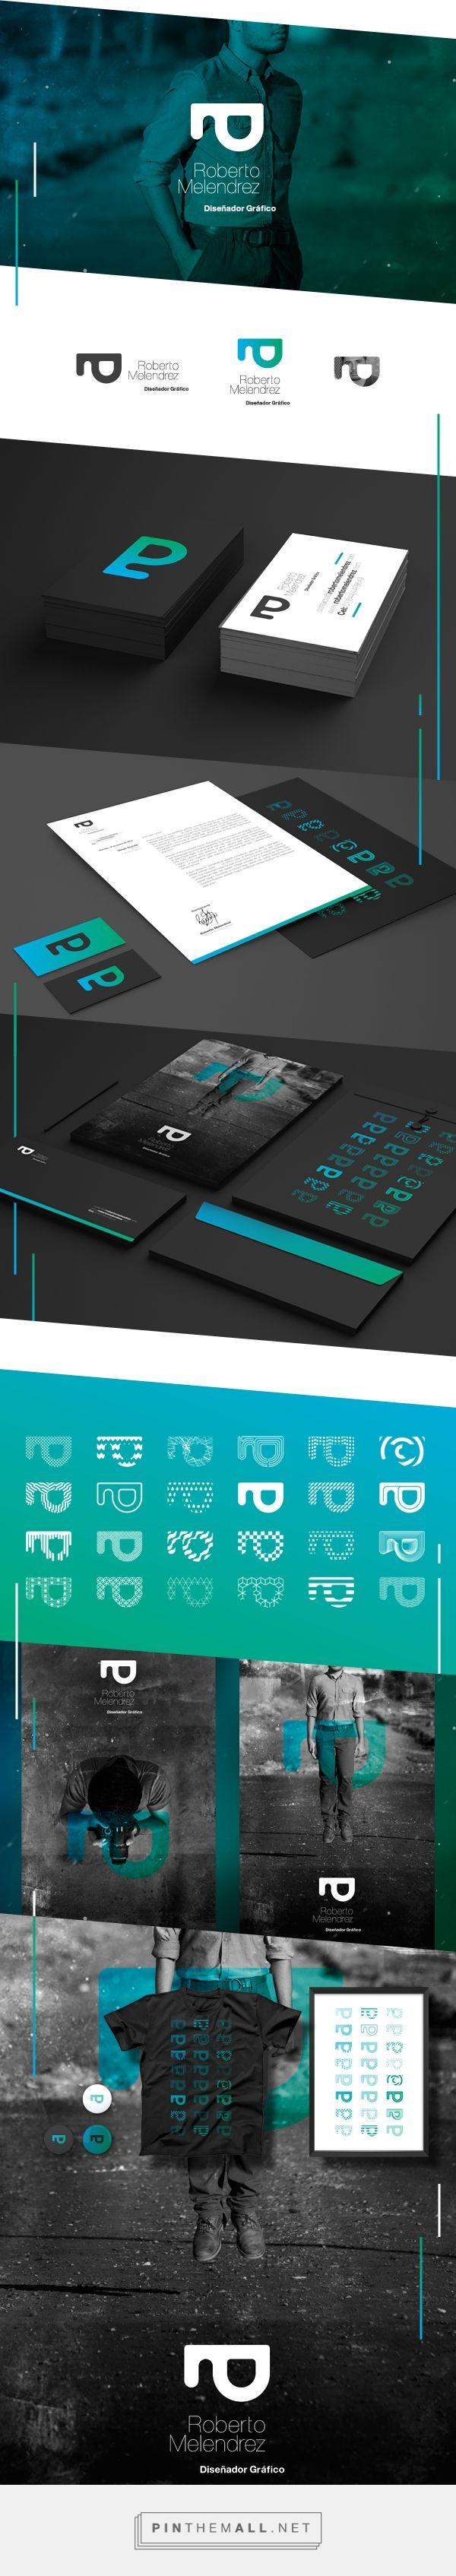 Foretell foretell product ux ui amp strategic branding made for - Personal Identity Roberto Melendrez Dise Ador Gr Fico On Behance Fivestar Branding Design And Branding